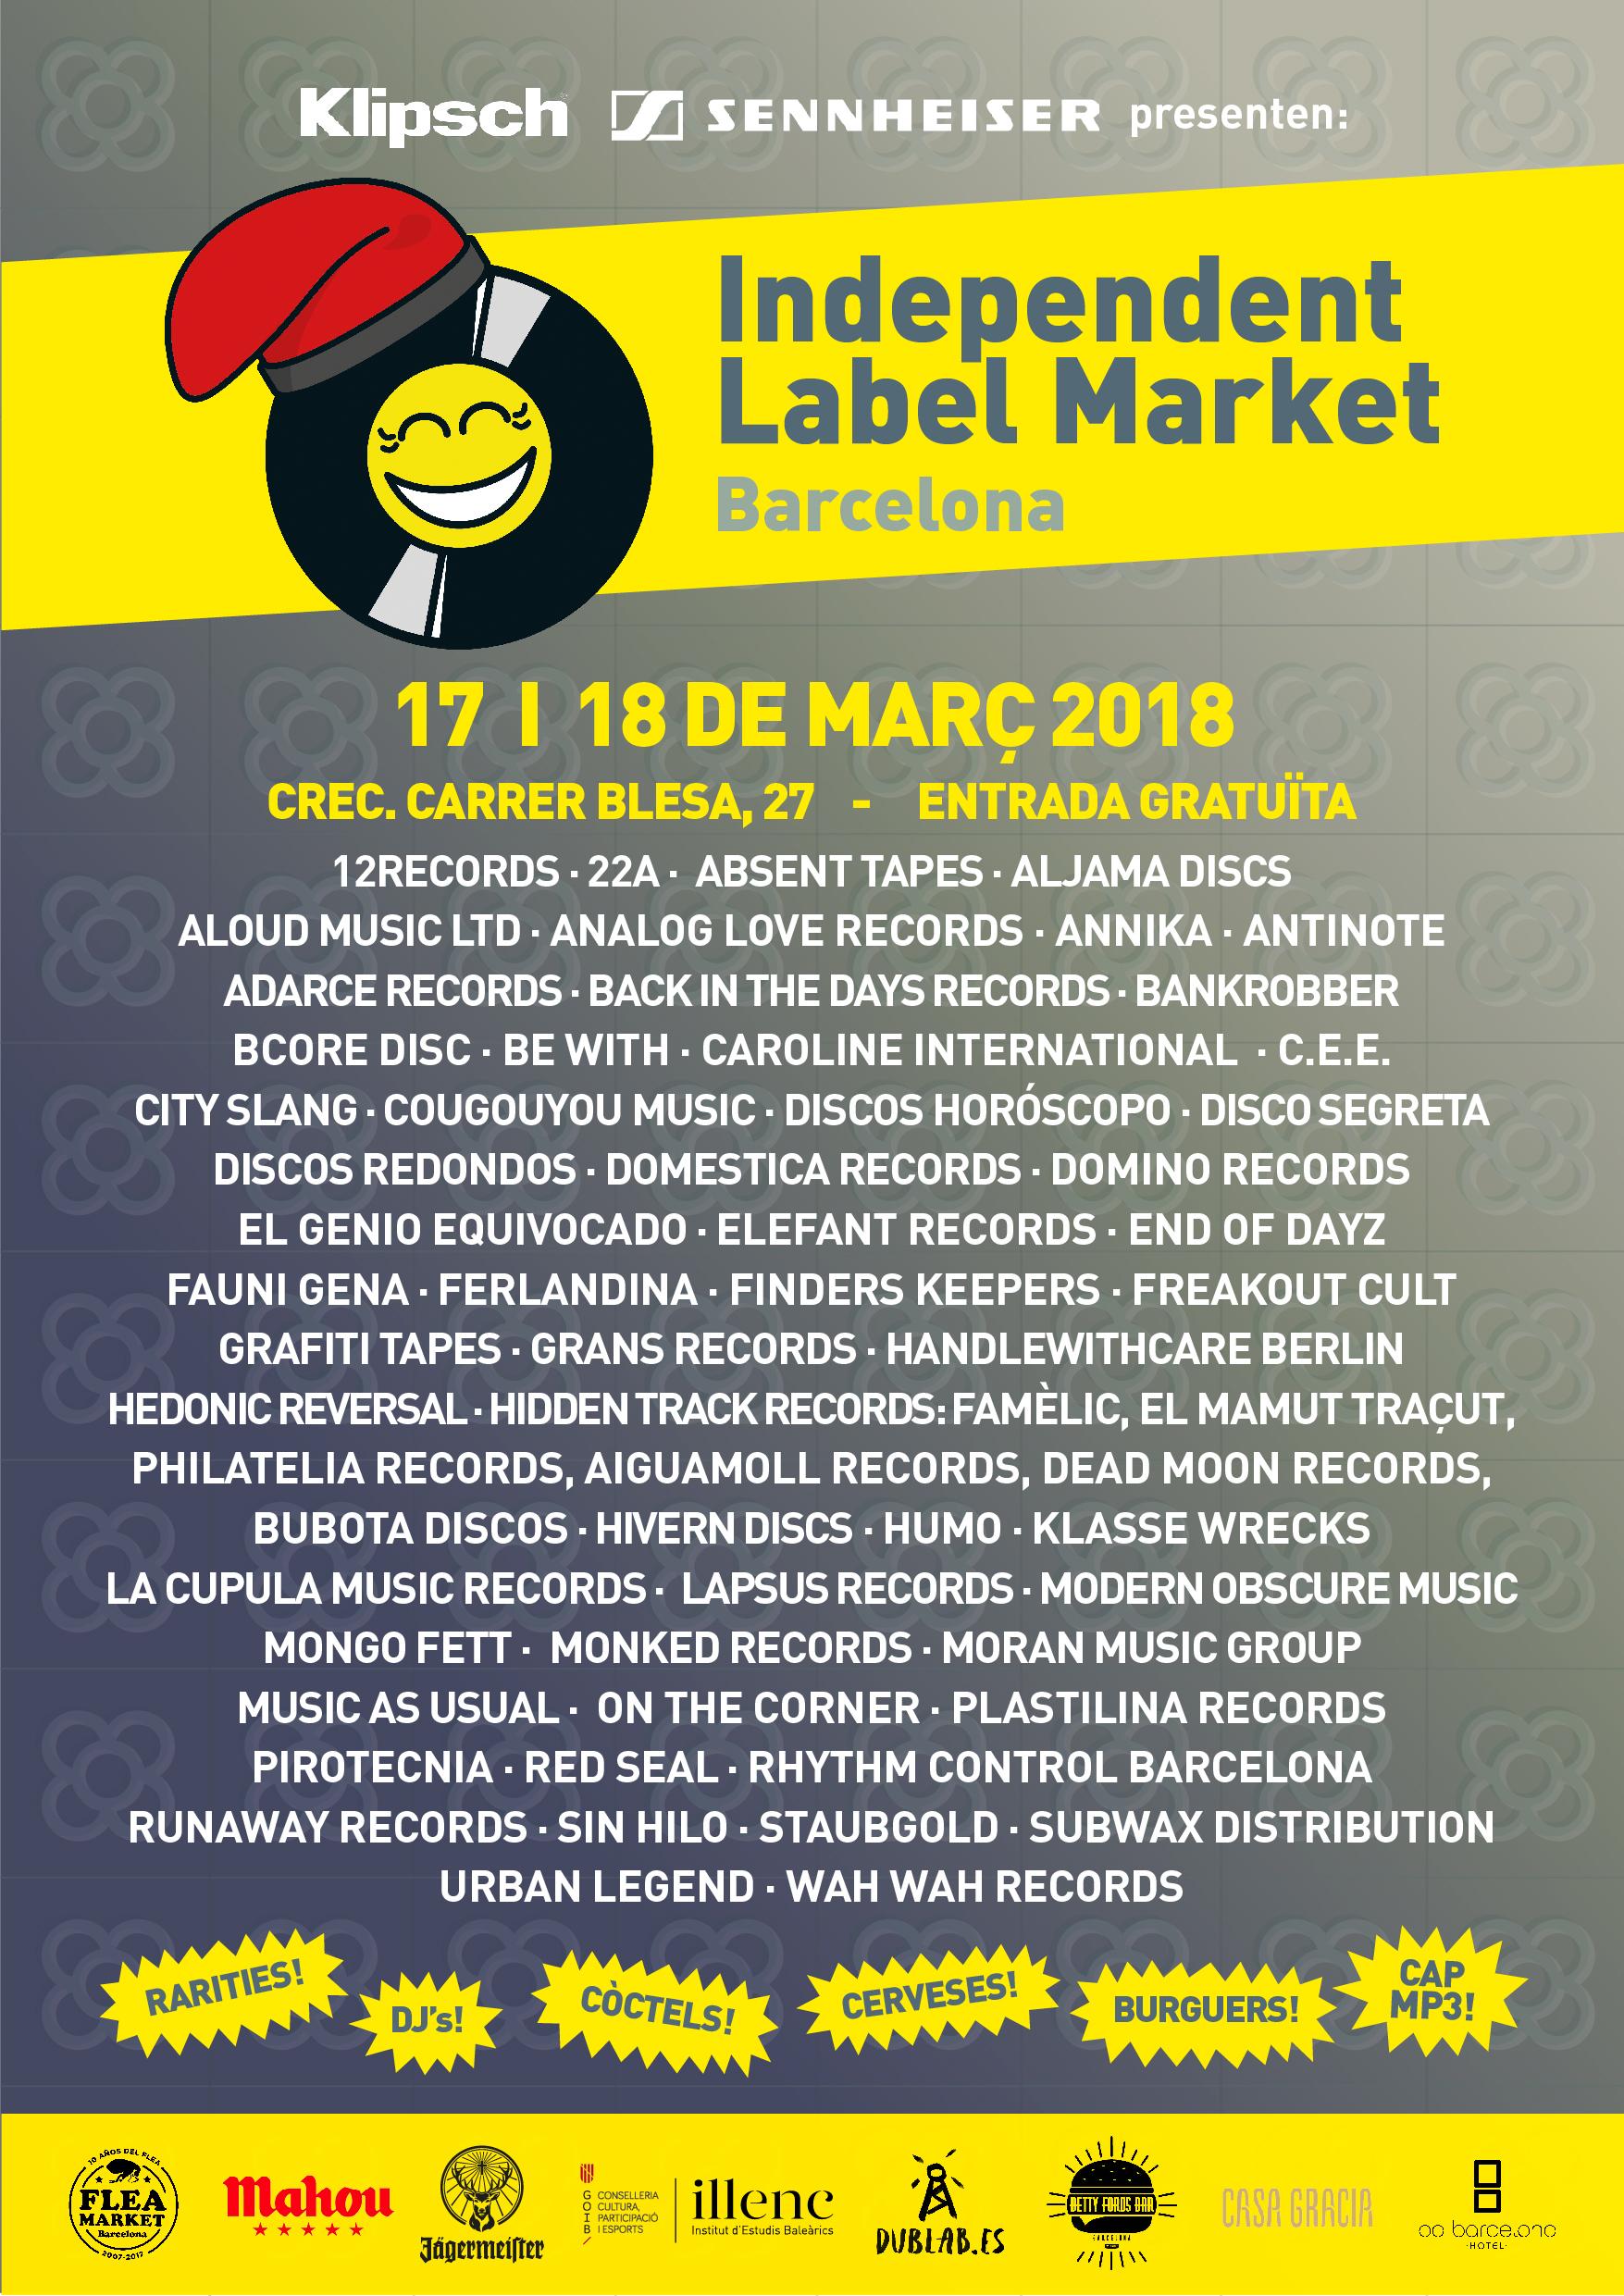 Independent Label Market Barcelona 2018